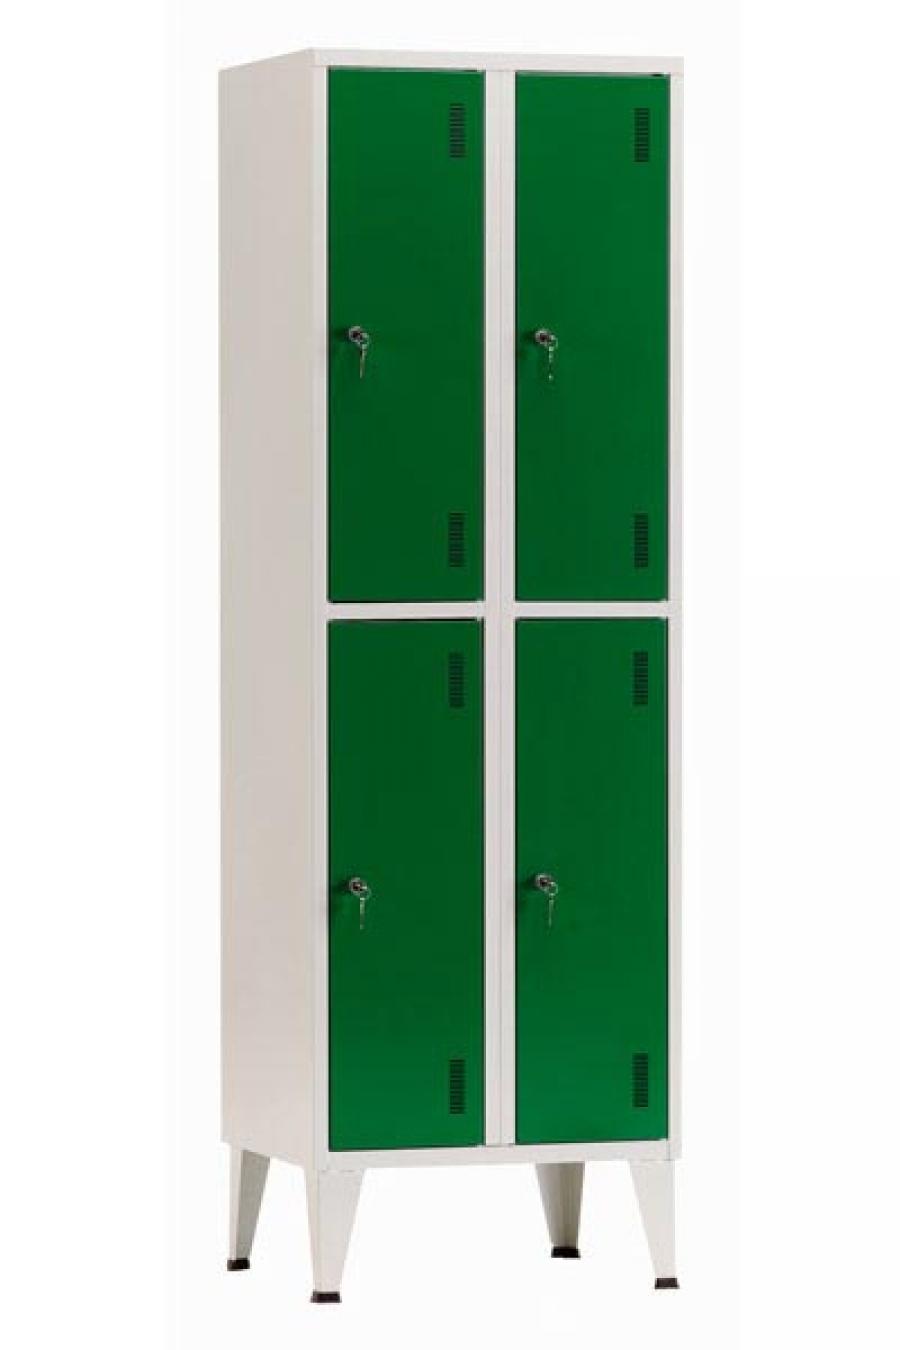 Taquilla de 4 puertas for Precio taquillas vestuarios